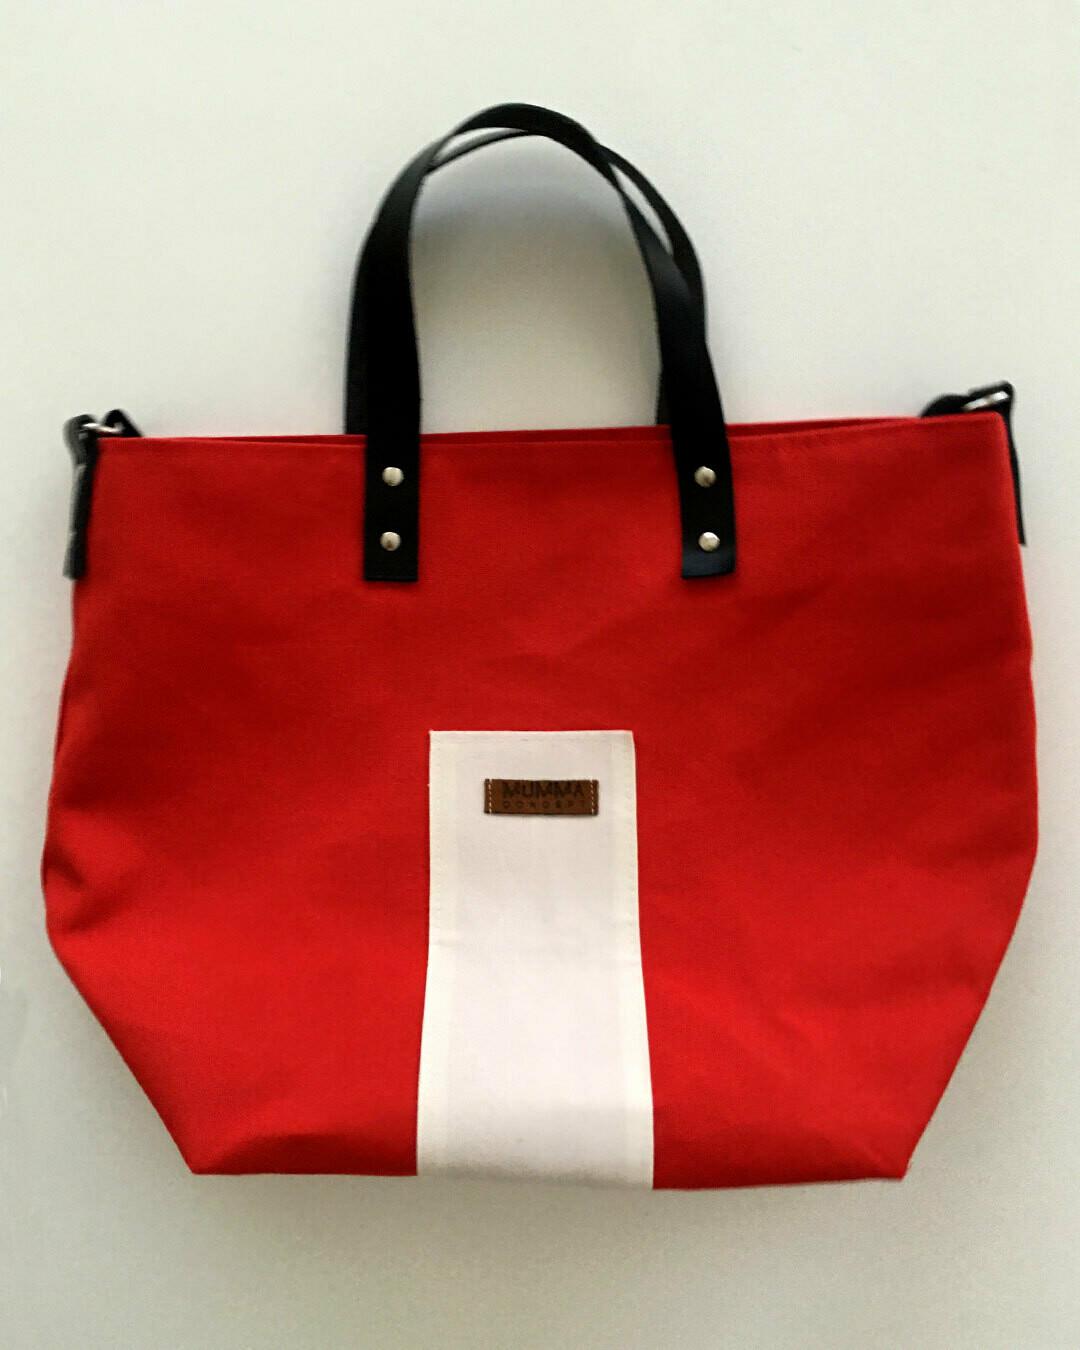 Bolso DUO rojo y blanco roto con asas de cuero